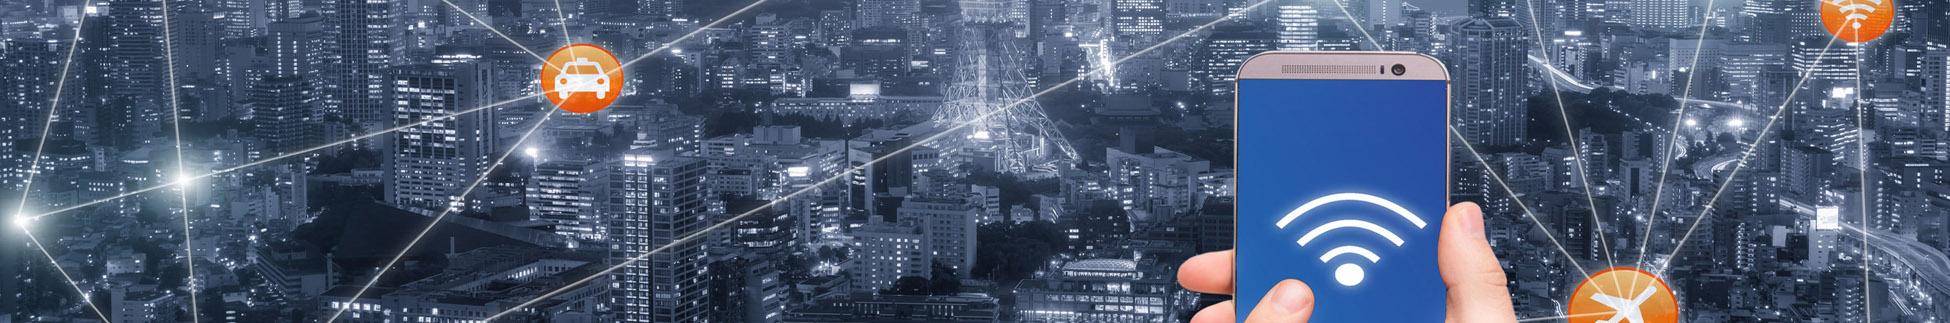 banda ancha, radioenlaces